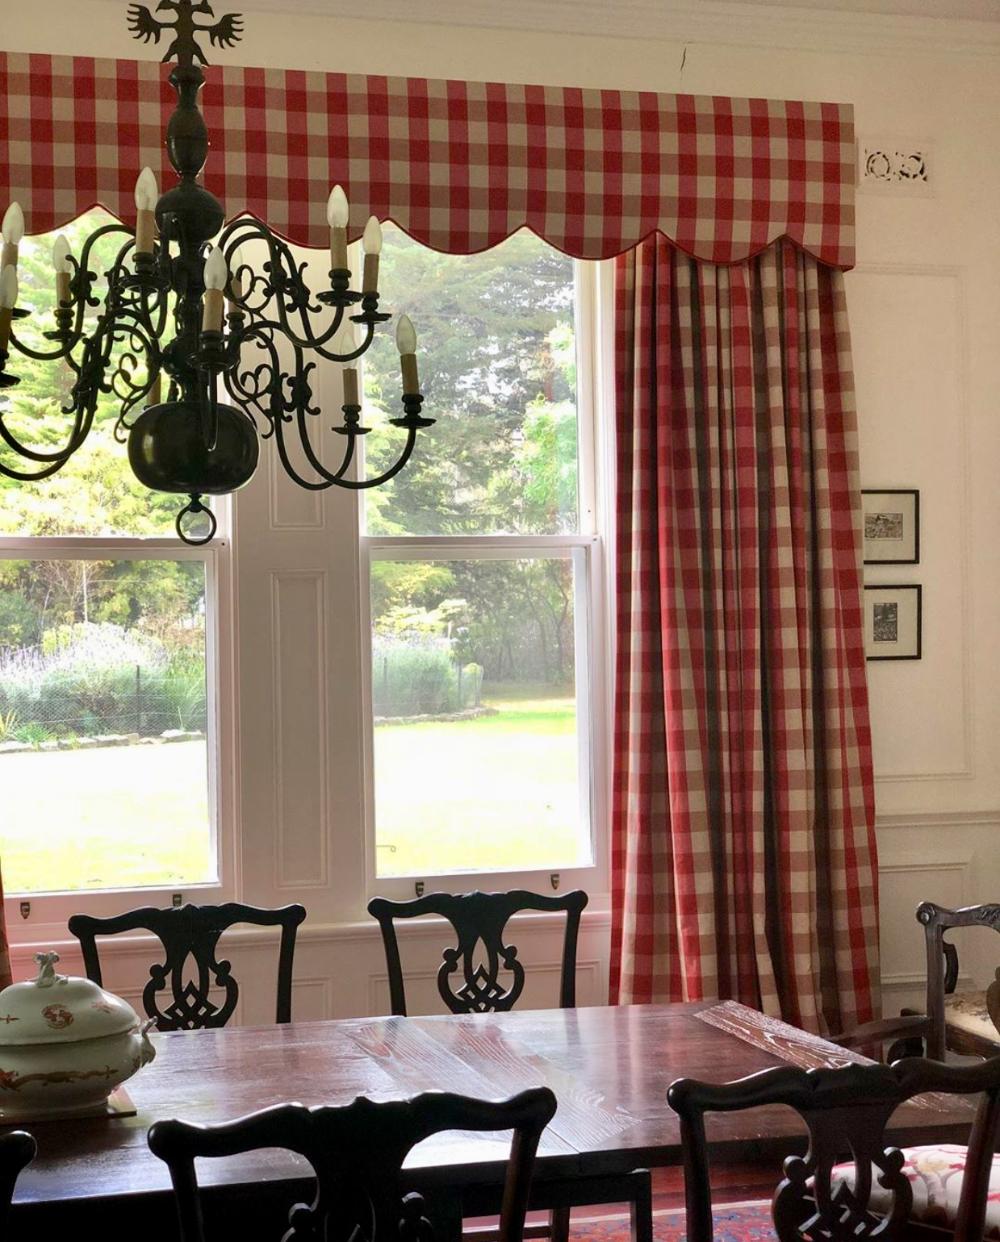 Decorating With Gingham Interior Design Interior Decor